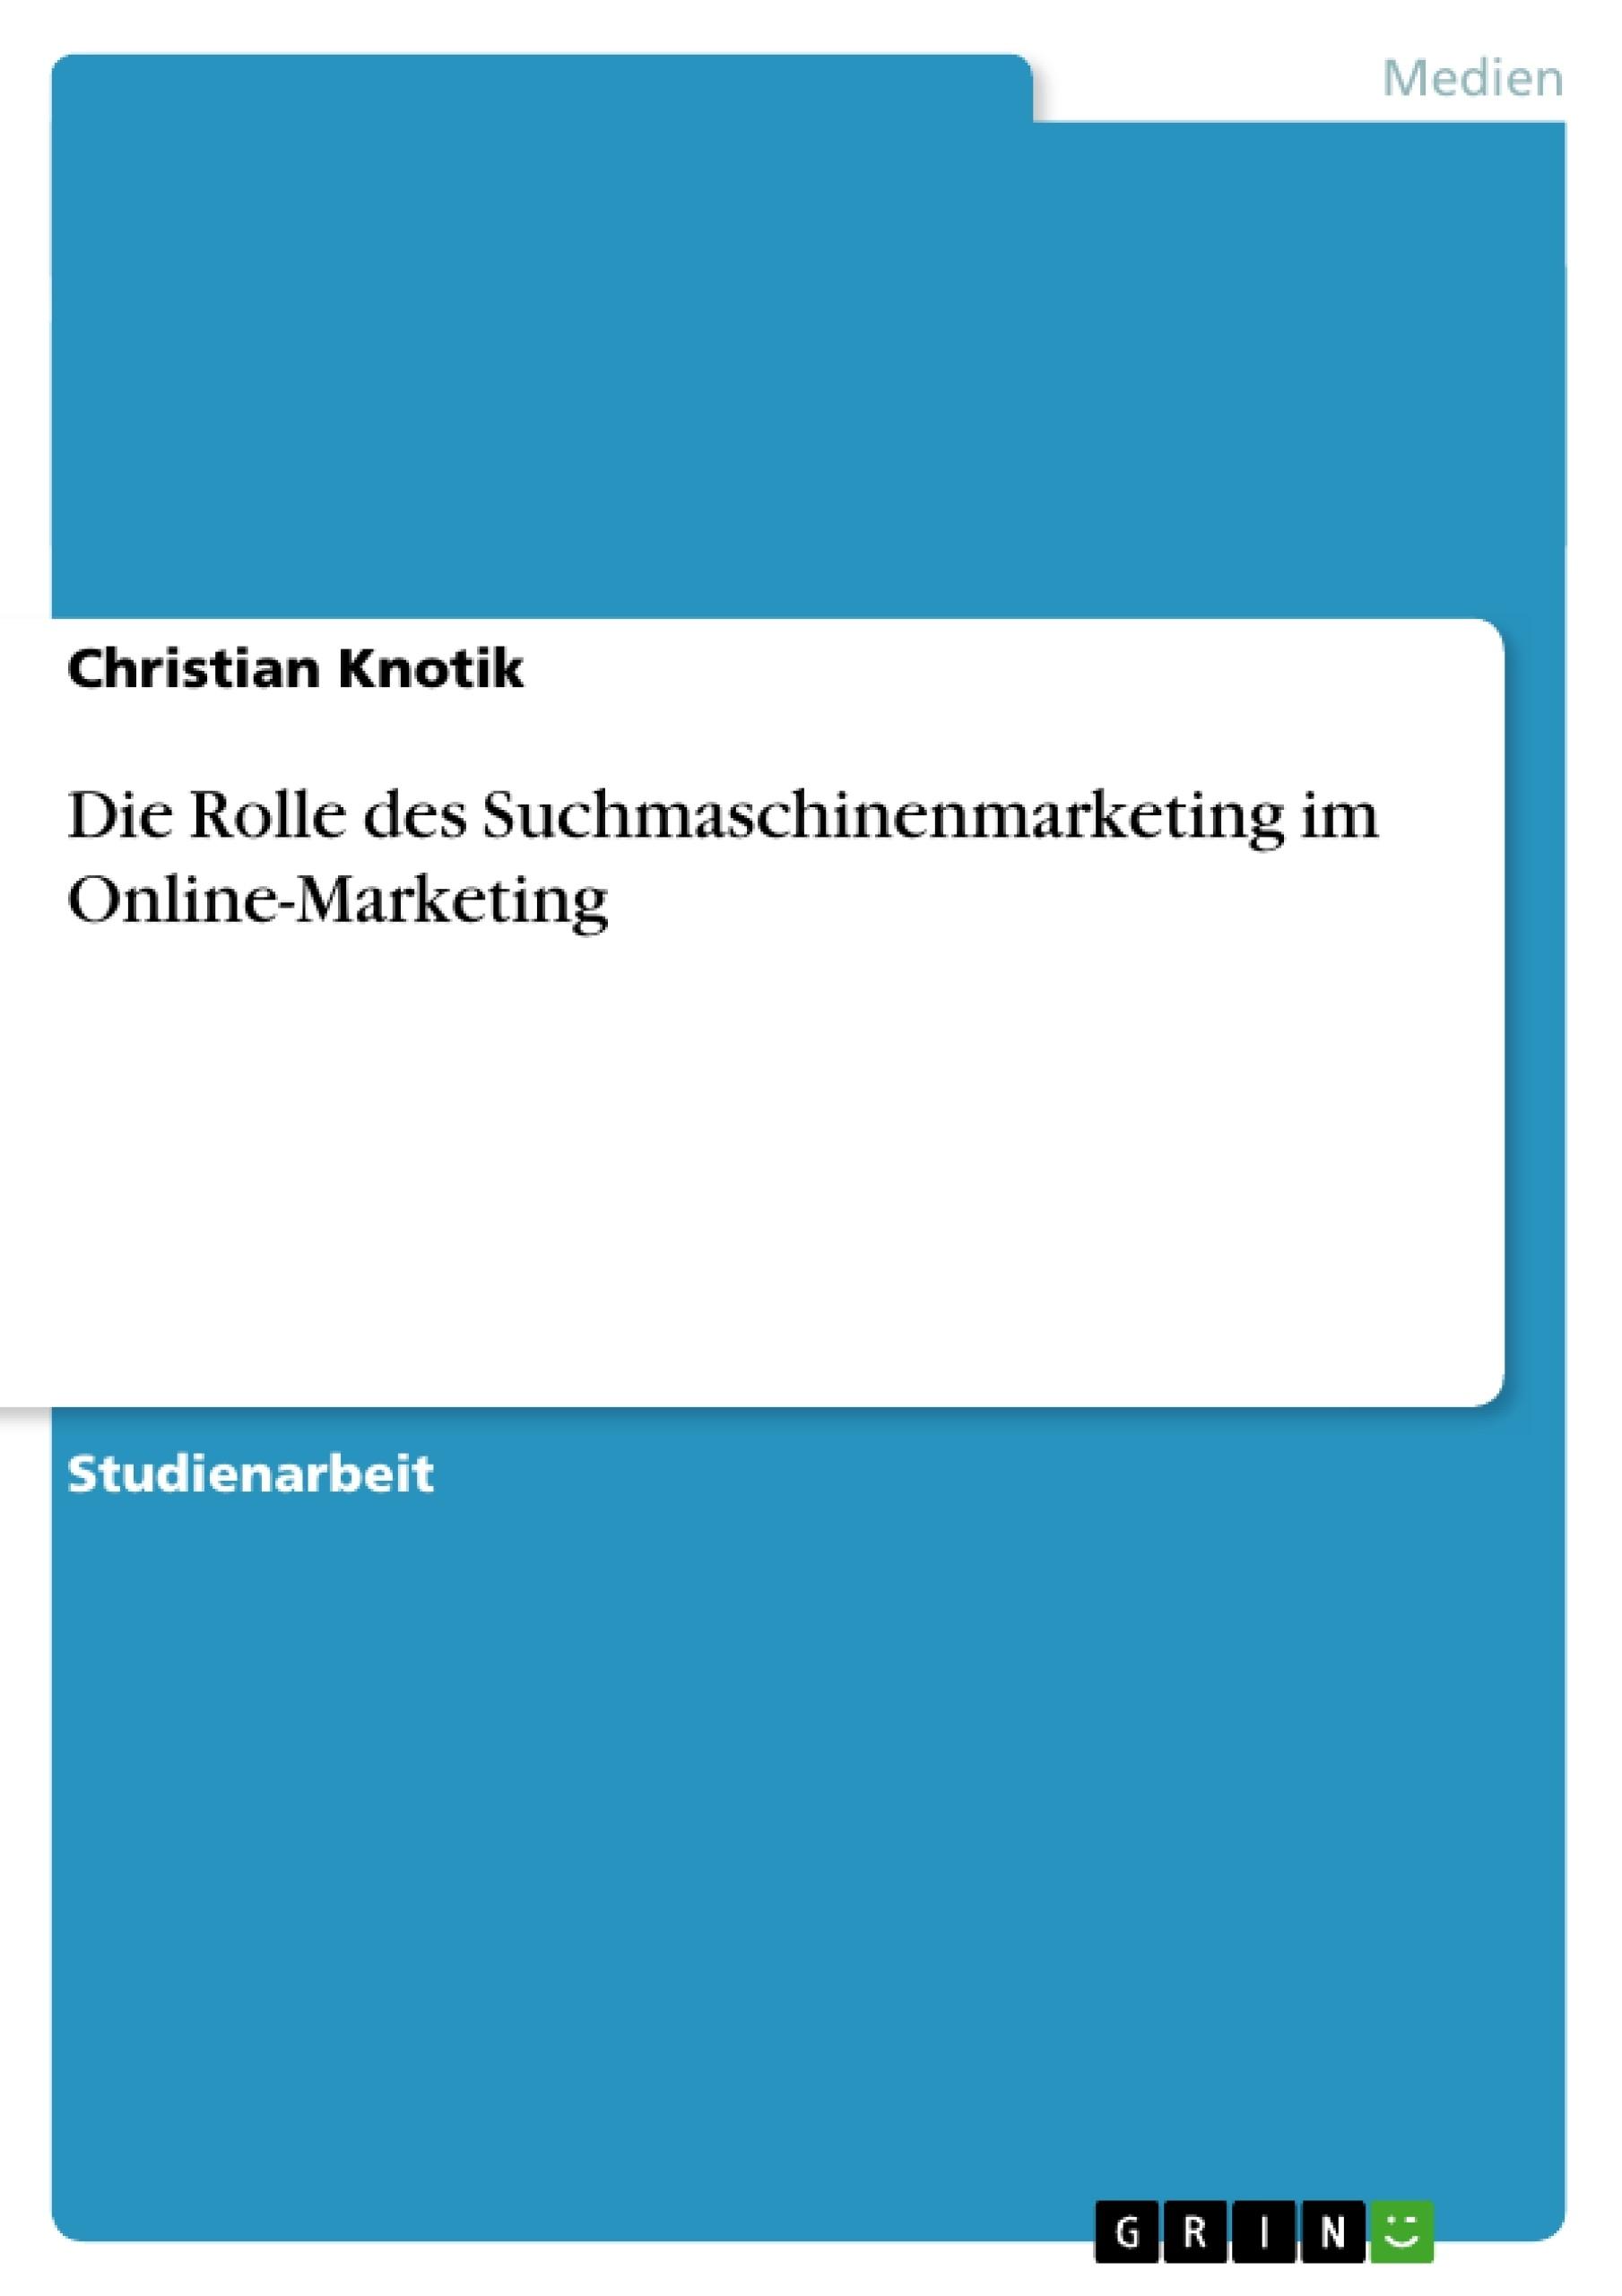 Titel: Die Rolle des Suchmaschinenmarketing im Online-Marketing